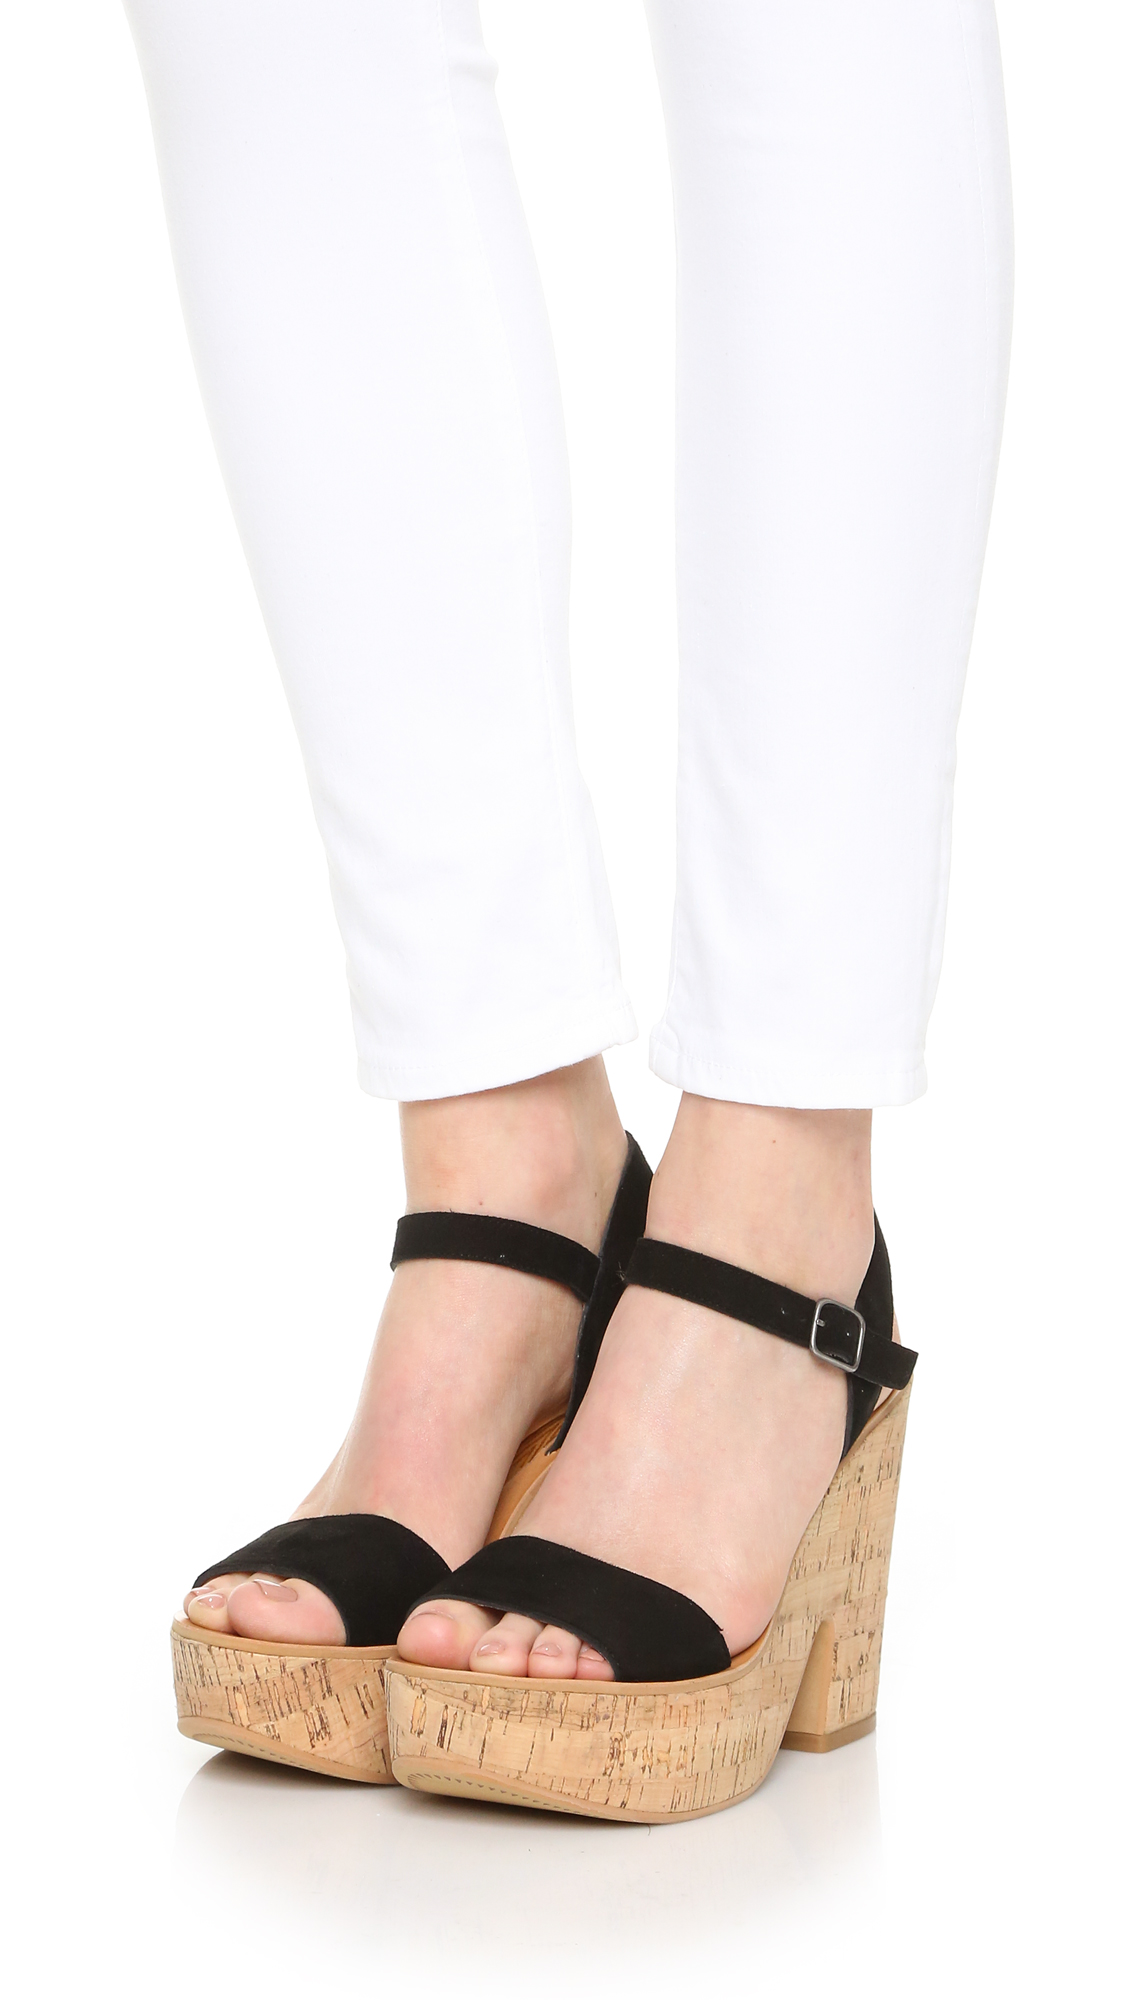 83fb7f2f0bd Dolce Vita Randi Wedge Sandals